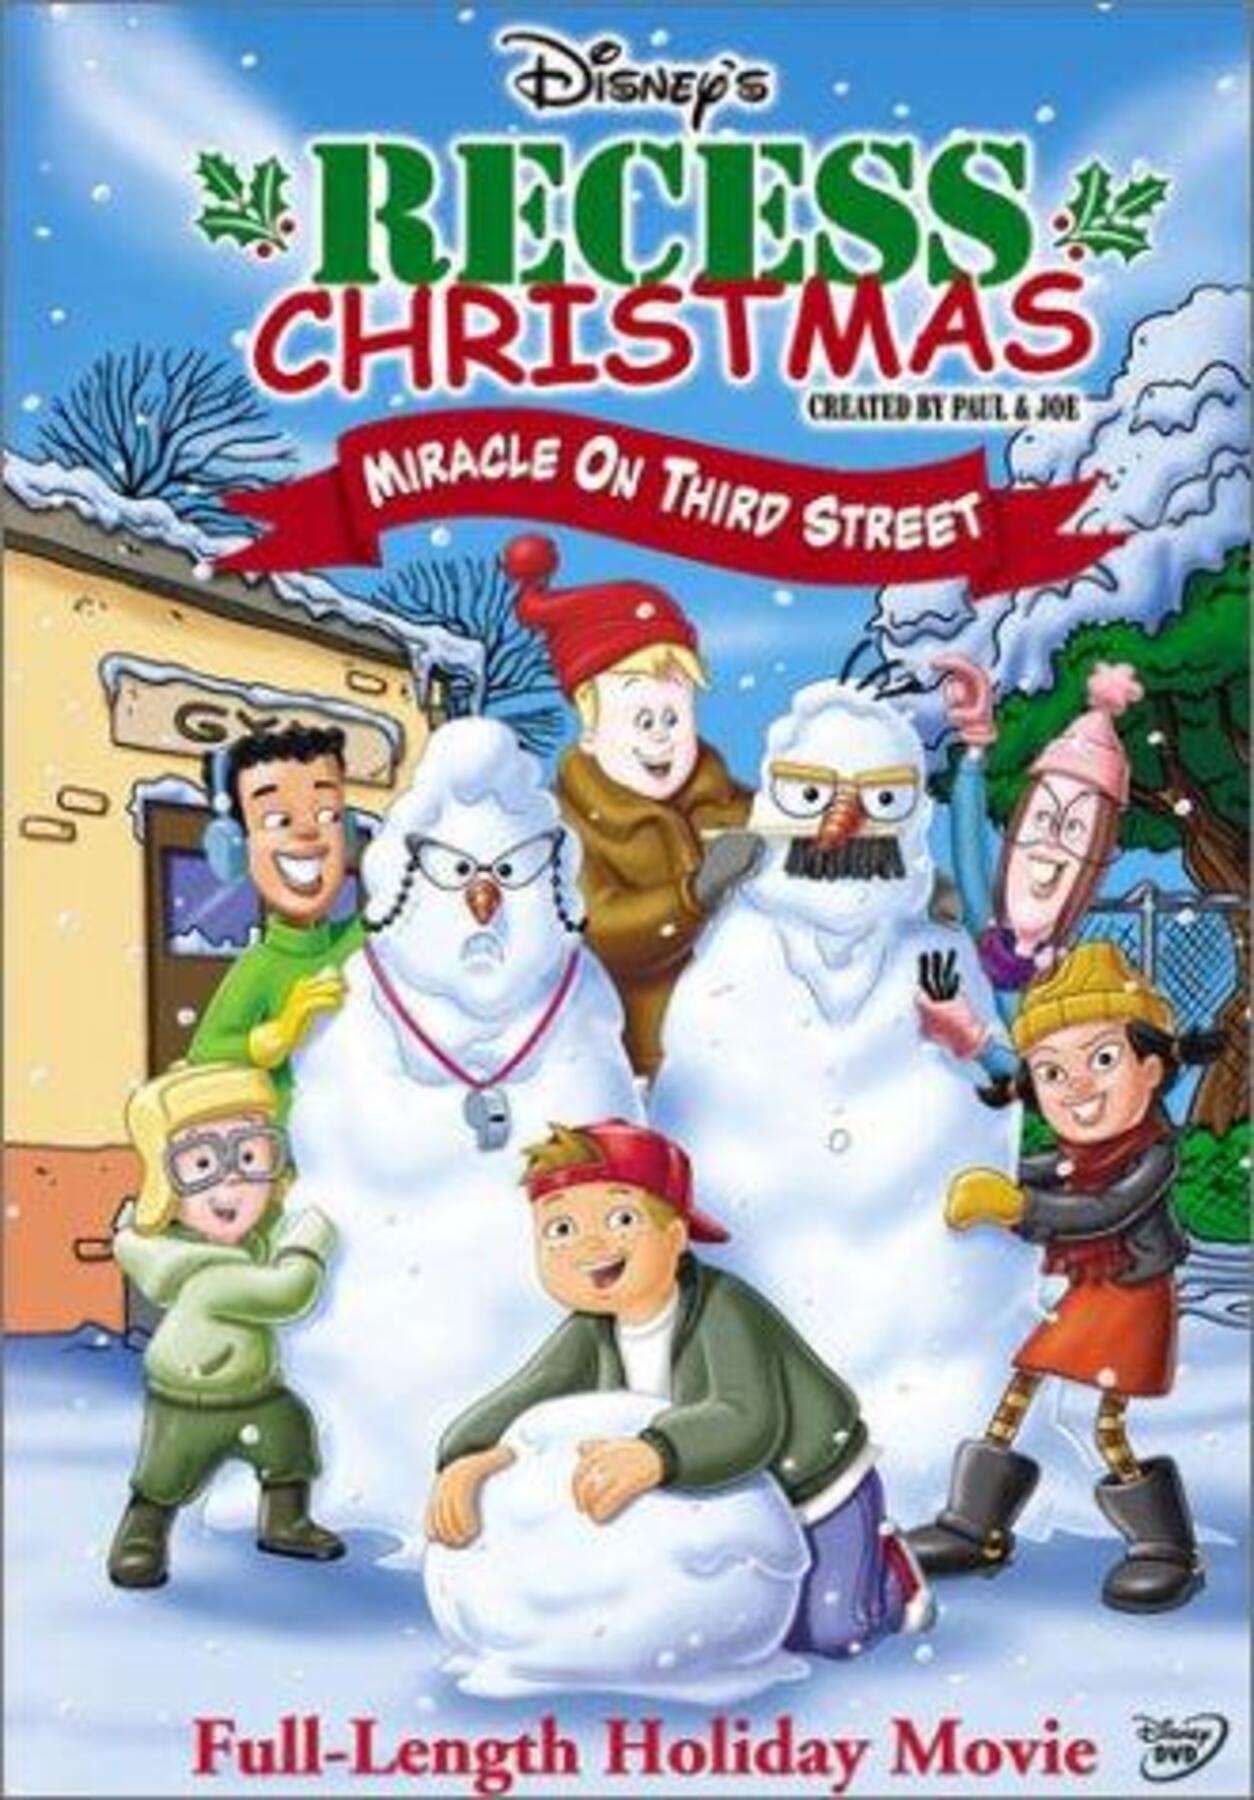 affiche poster cour récré vacances noel recess christmas miracle third street disney